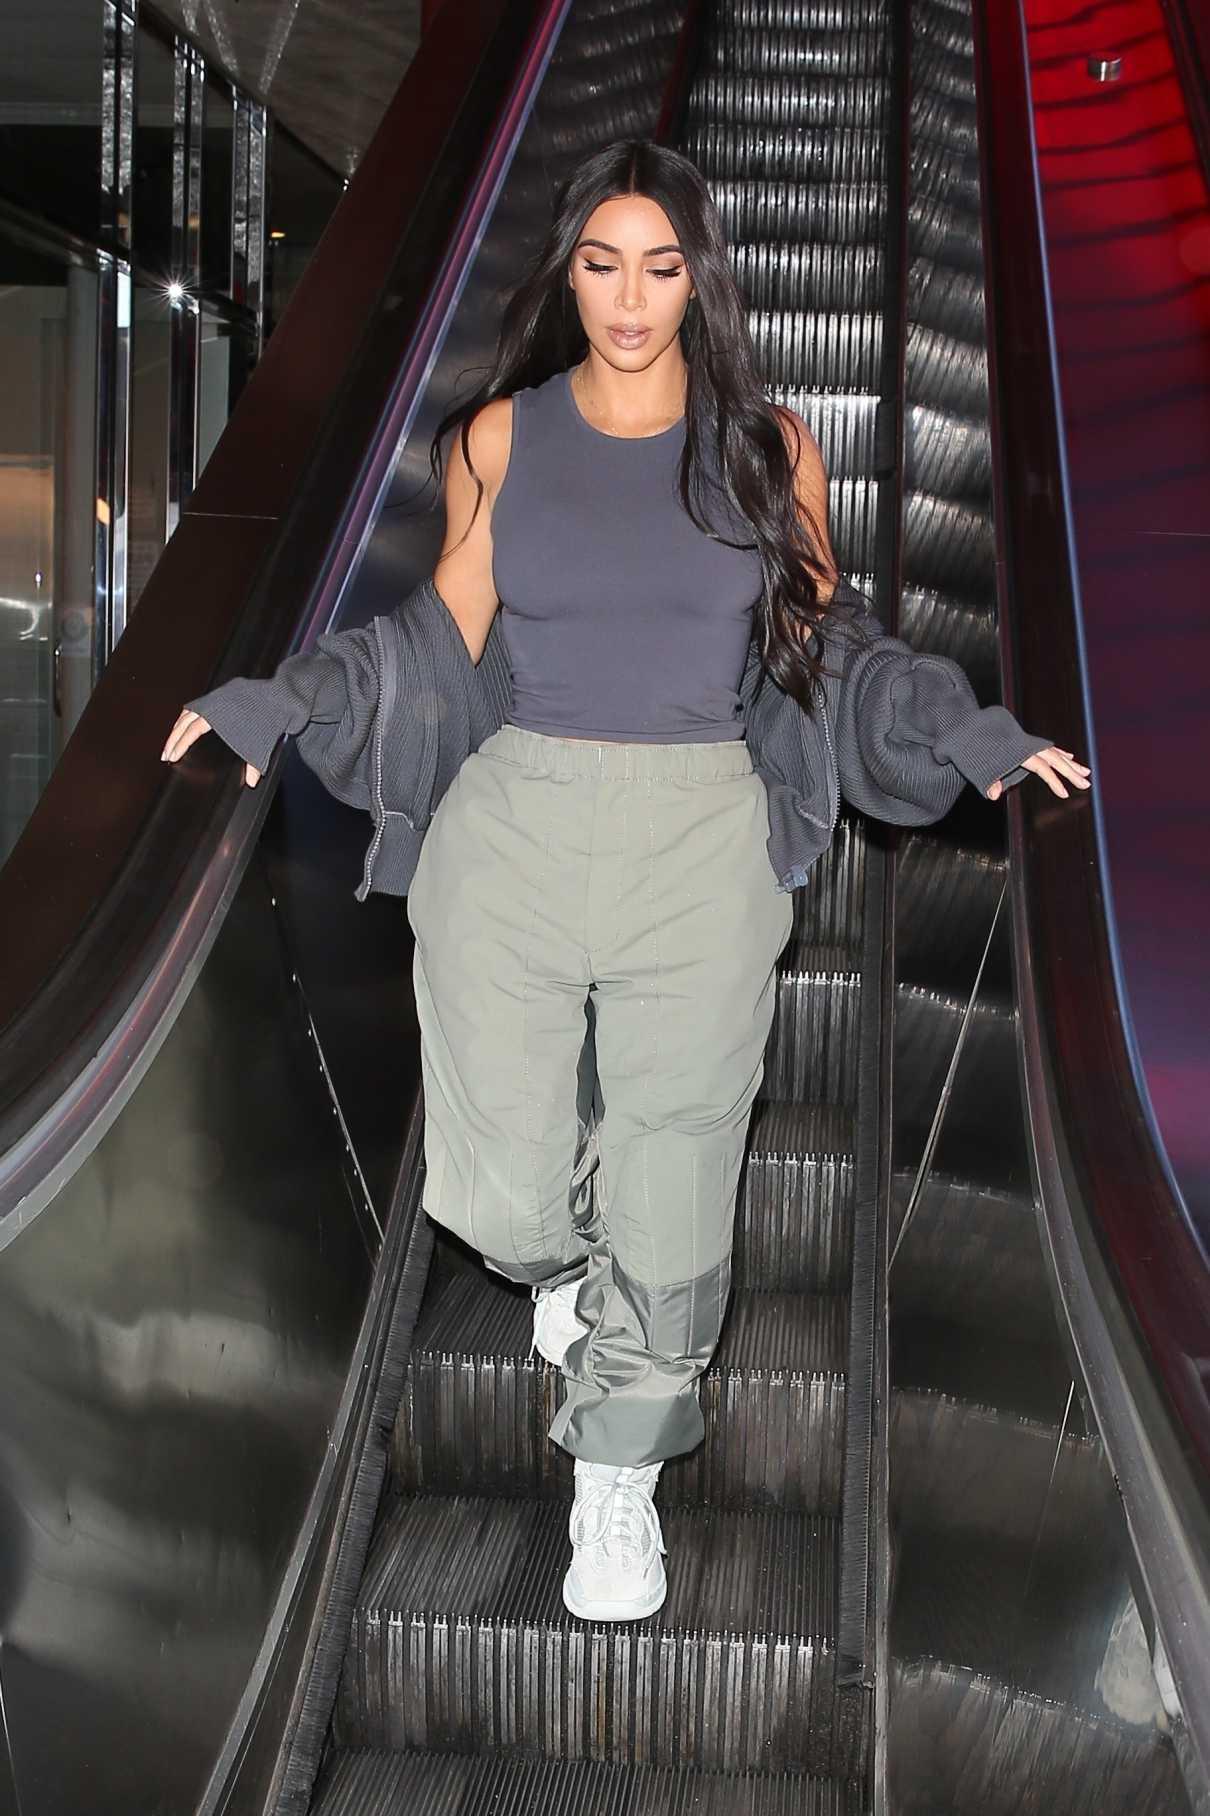 Kim Kardashian in a White Sneakers